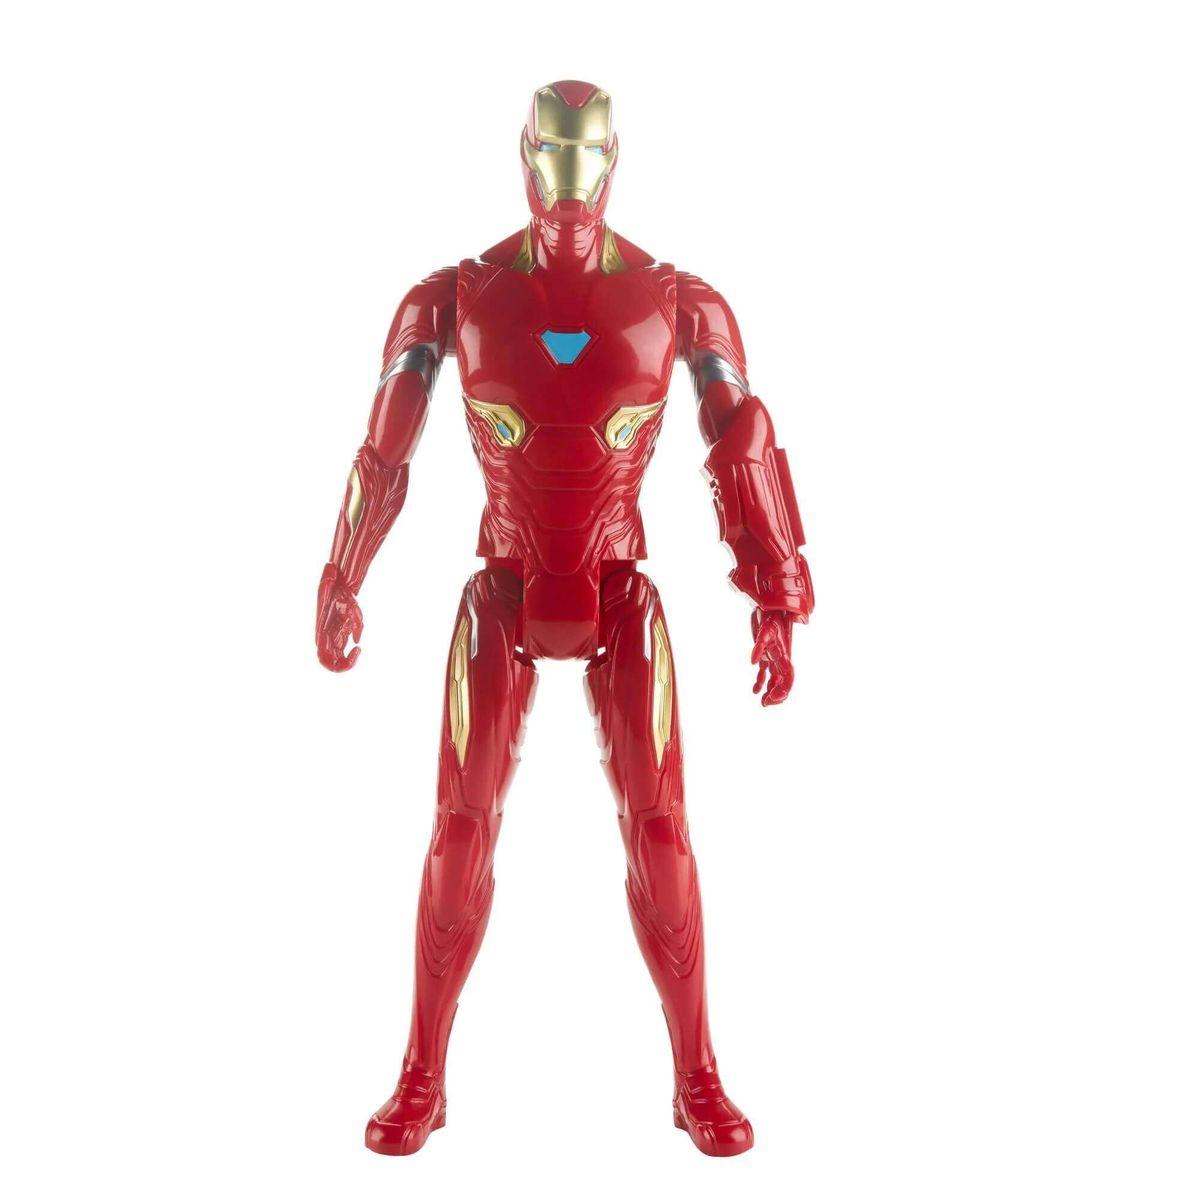 Boneco de Ação Marvel Homem de Ferro Vingadores Ultimato - 30 cm - Hasbro